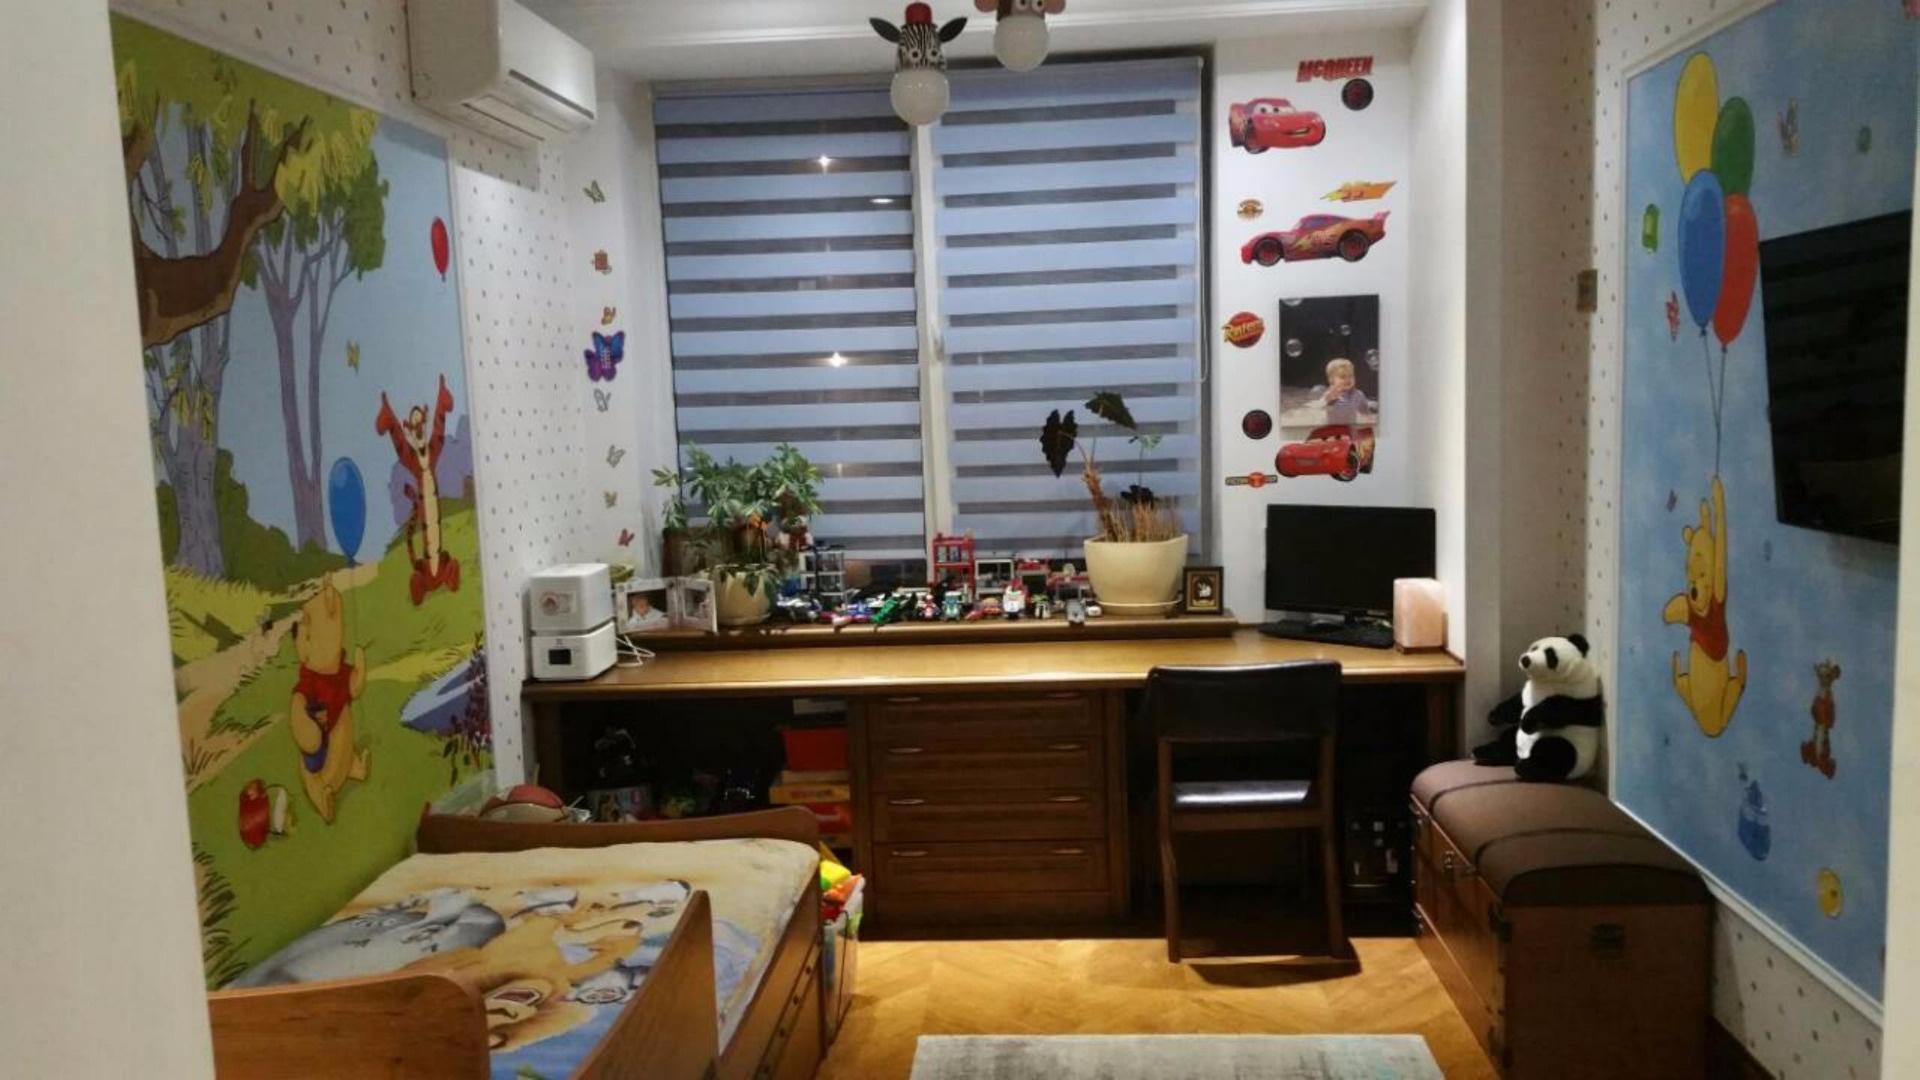 Продается 3-комнатная Квартира на ул. Армейская (Ленинского Батальона) — 230 000 у.е. (фото №2)